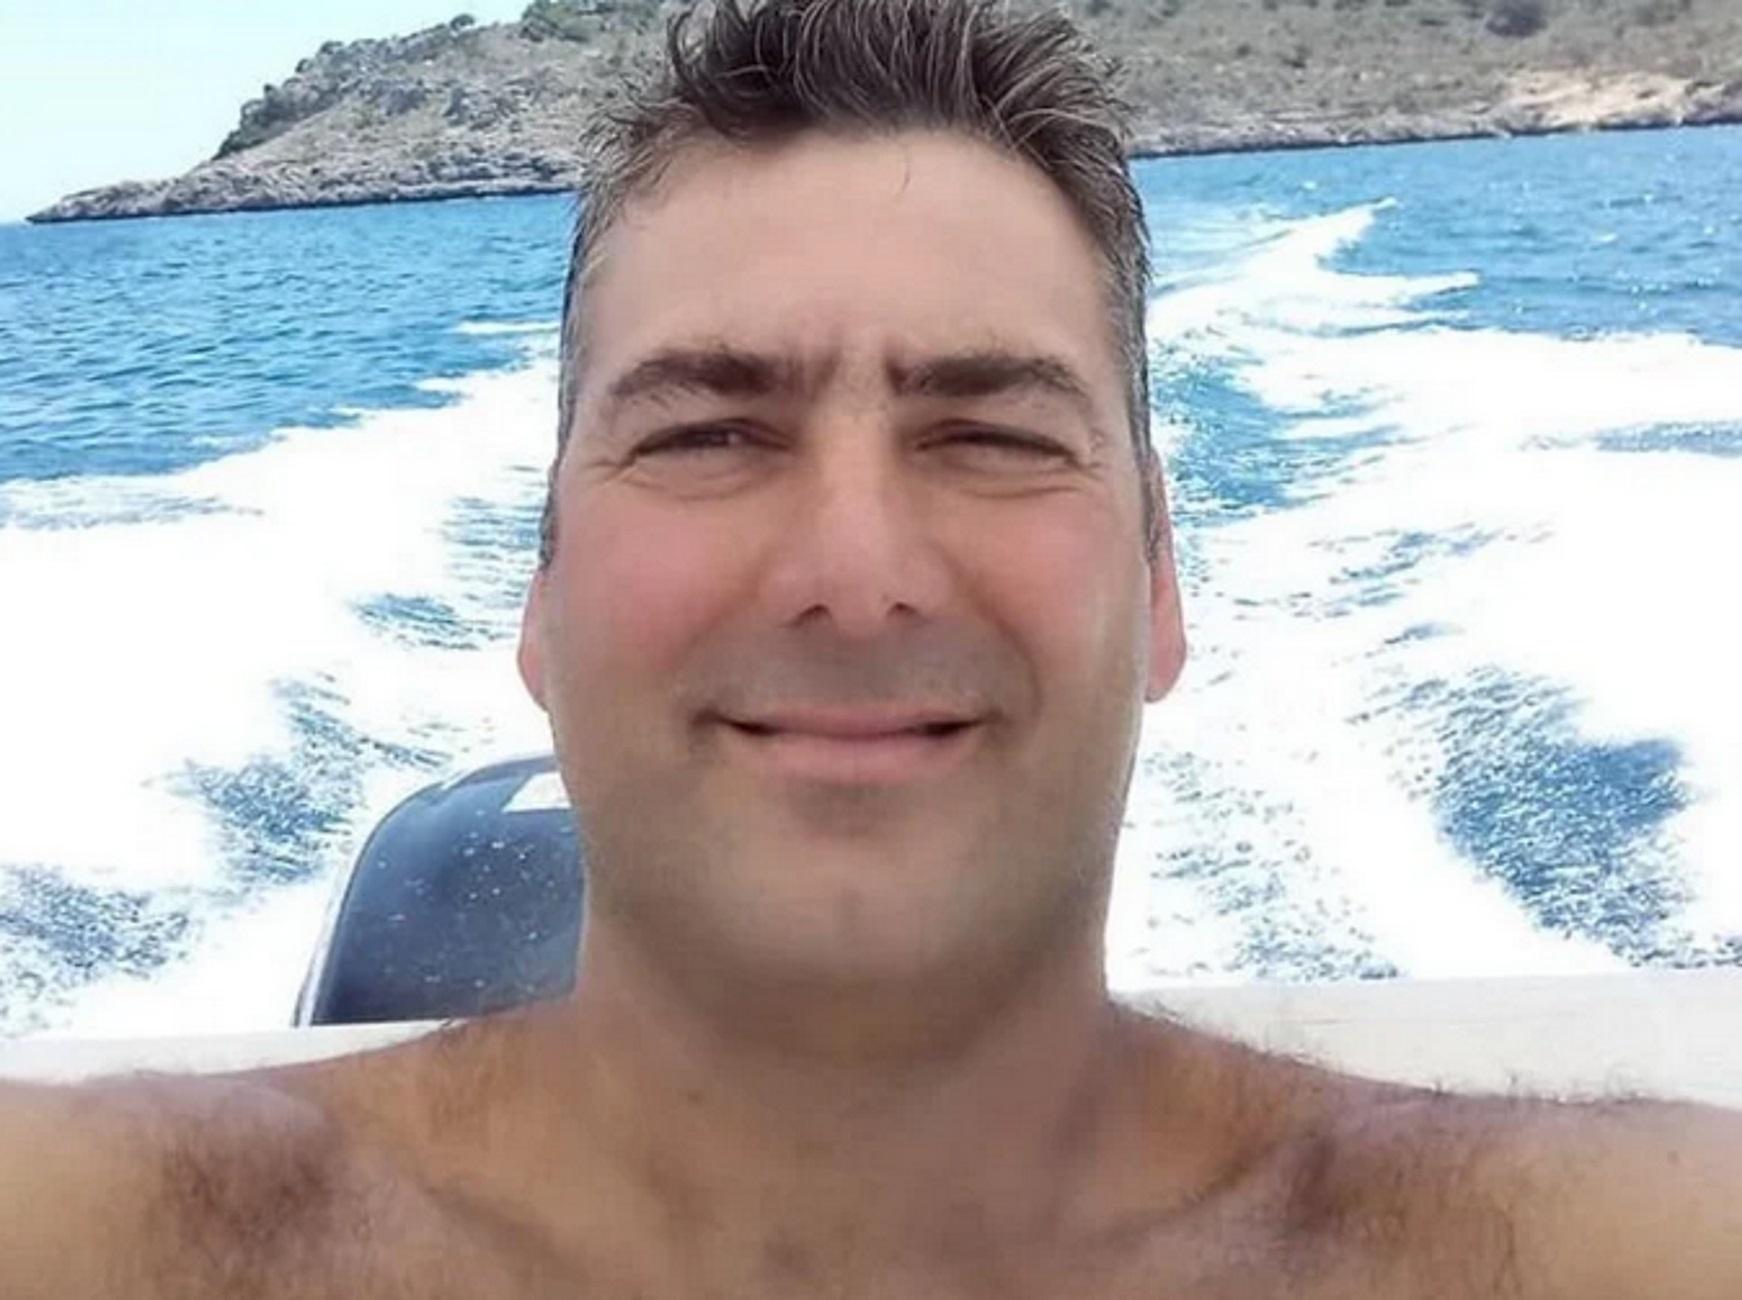 Πάτρα: Νεκρός στην πισίνα ο Κωνσταντίνος Αντίοχος- Ασύλληπτη τραγωδία σε ώρα αγώνα